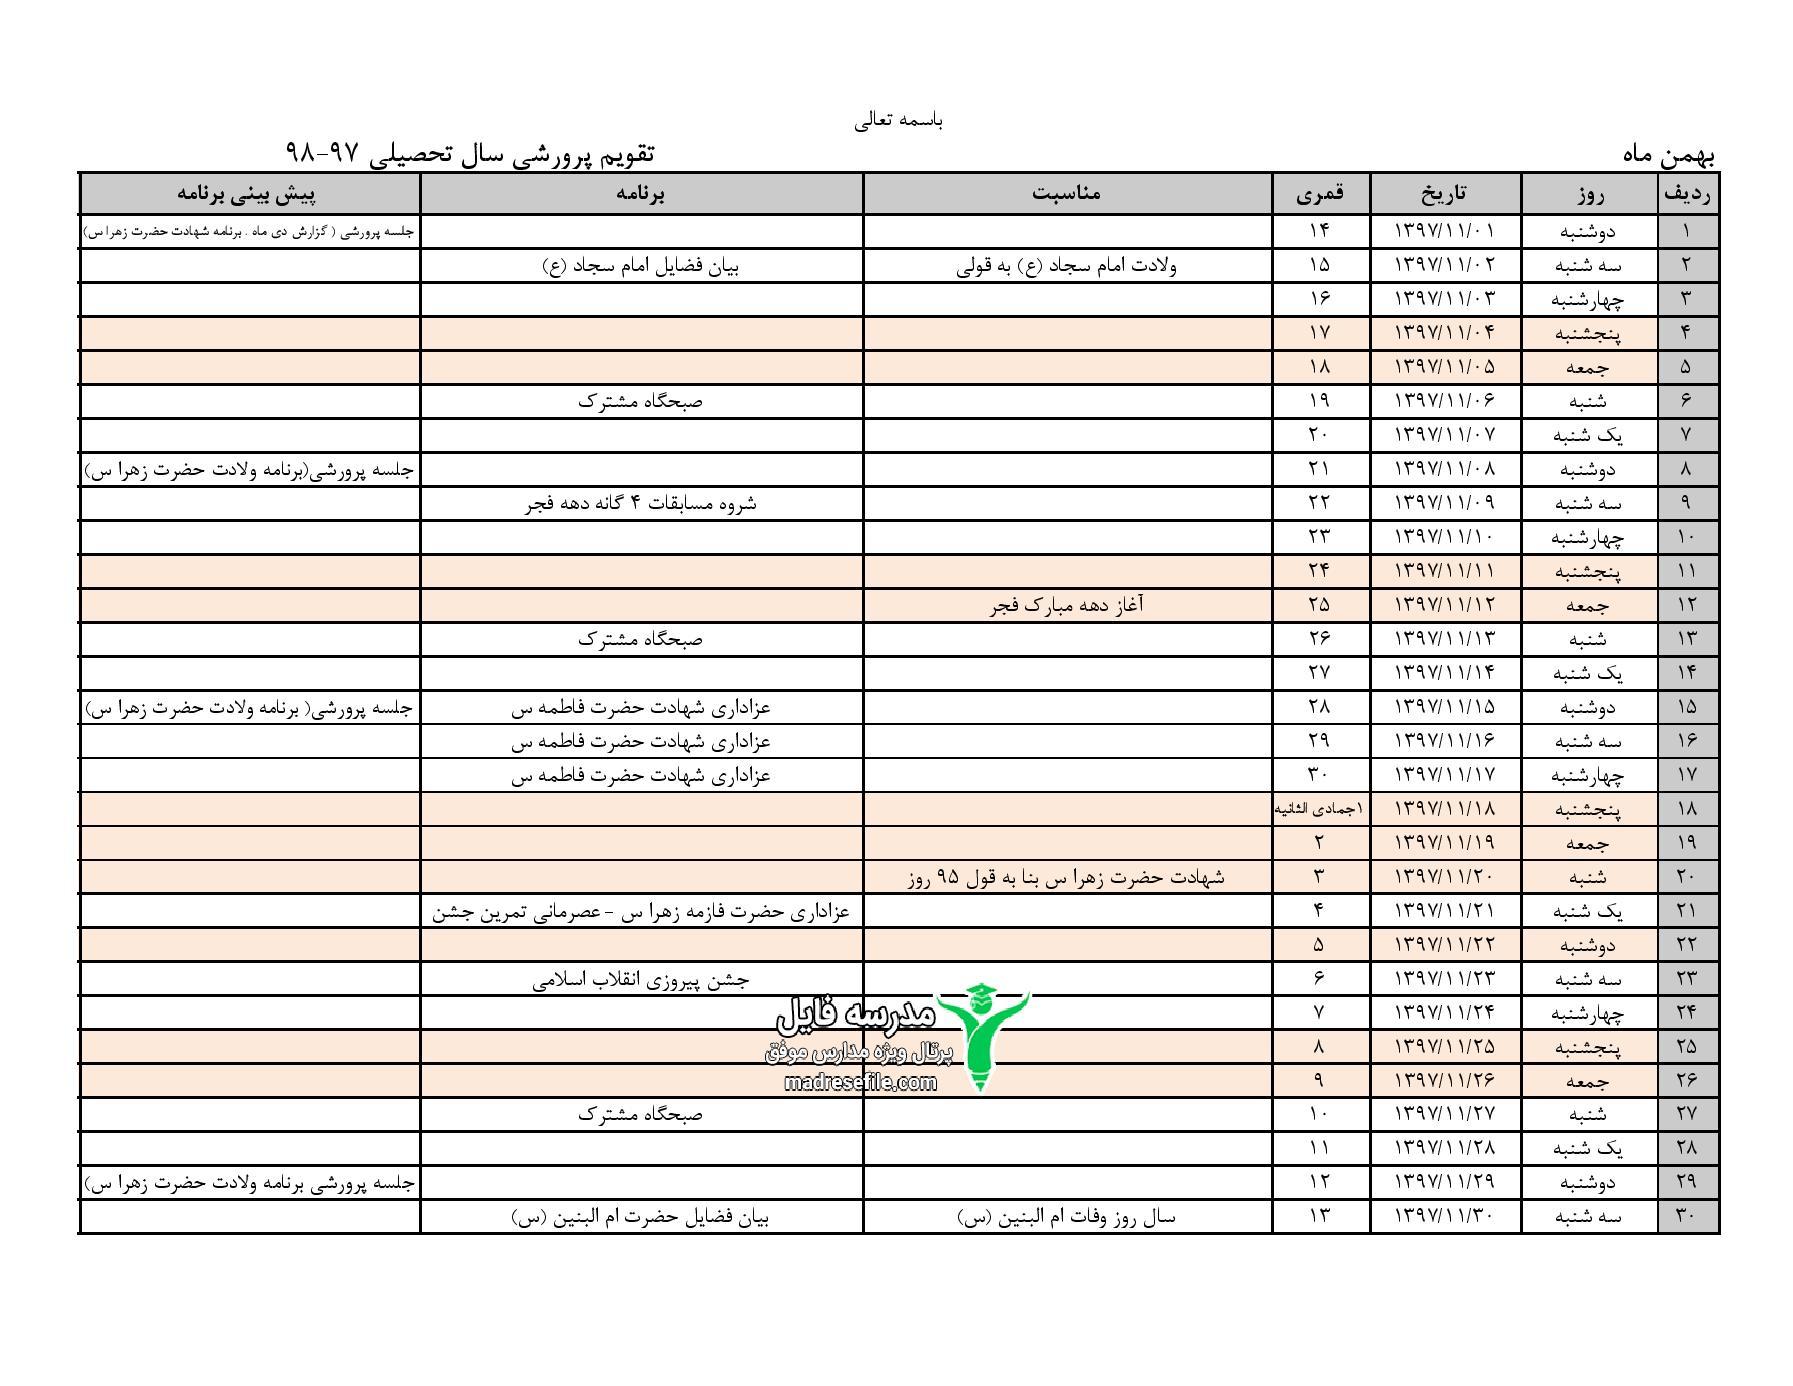 تقویم اجرایی و برنامه سالانه پرورشی بهمن ماه 97